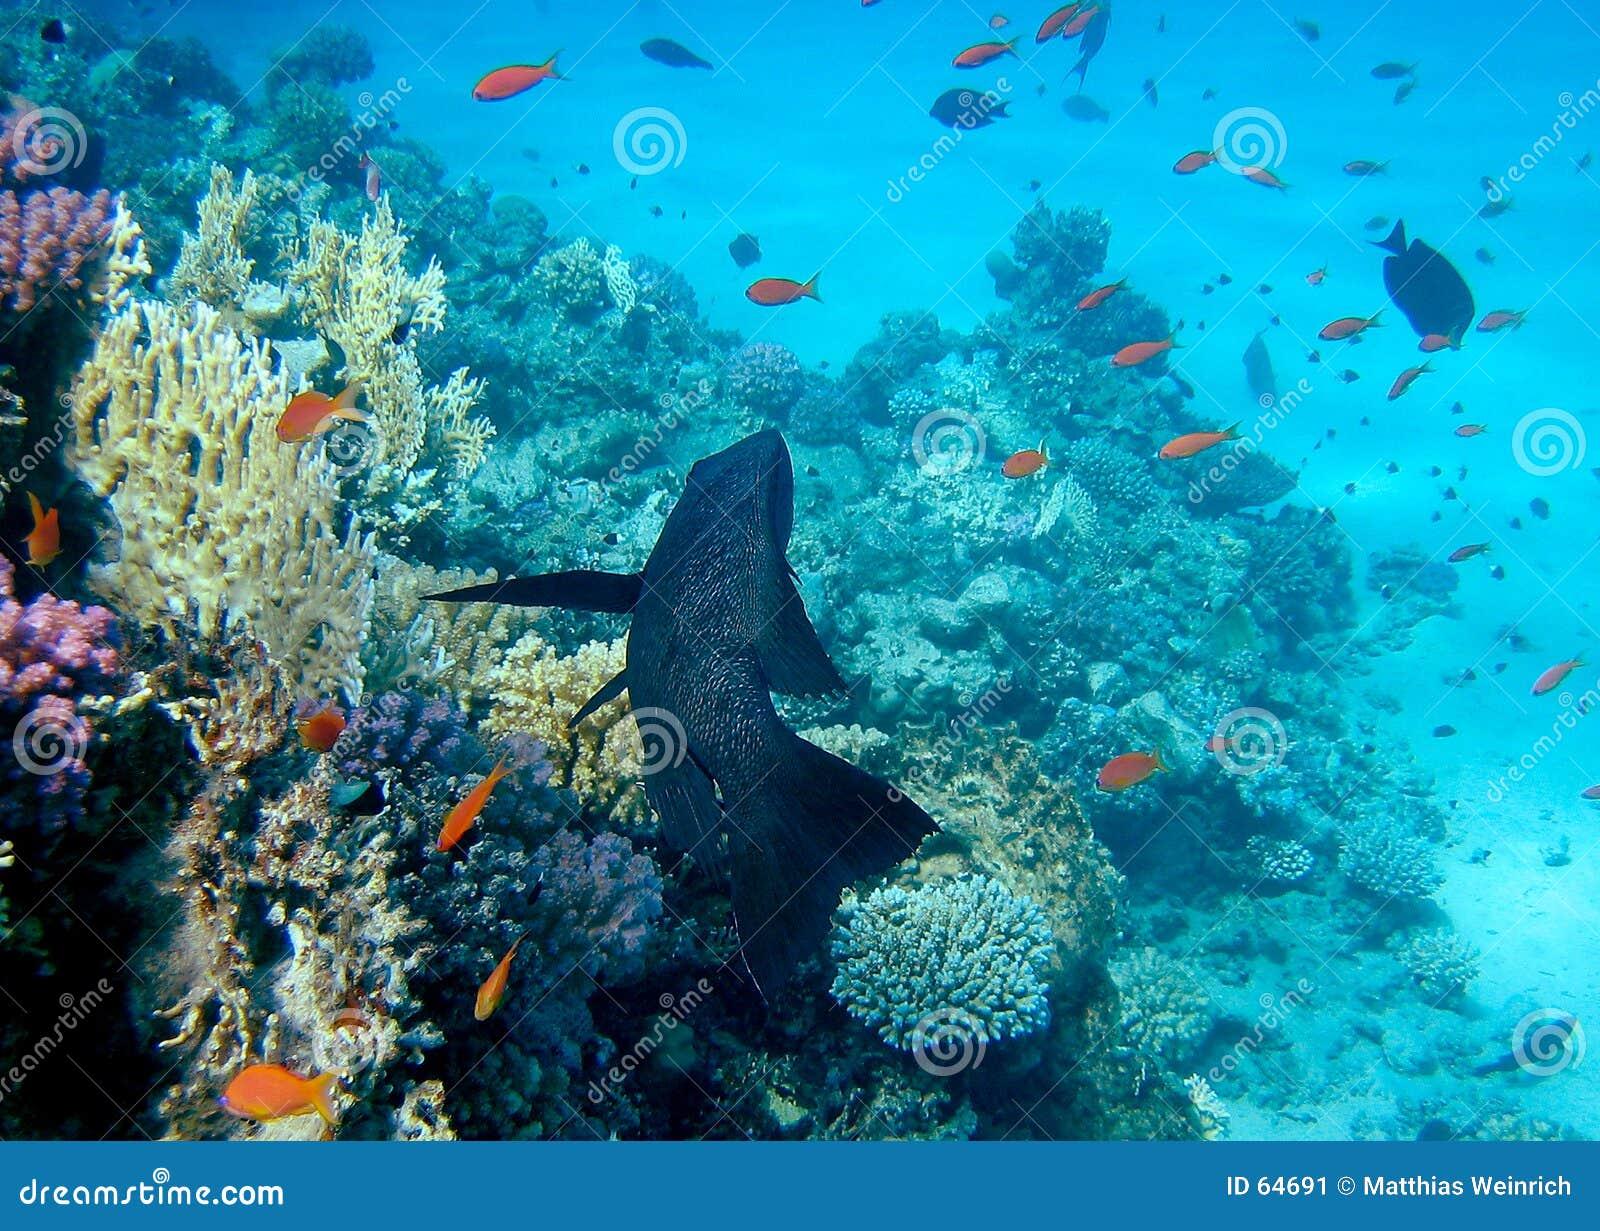 Coral reef 3